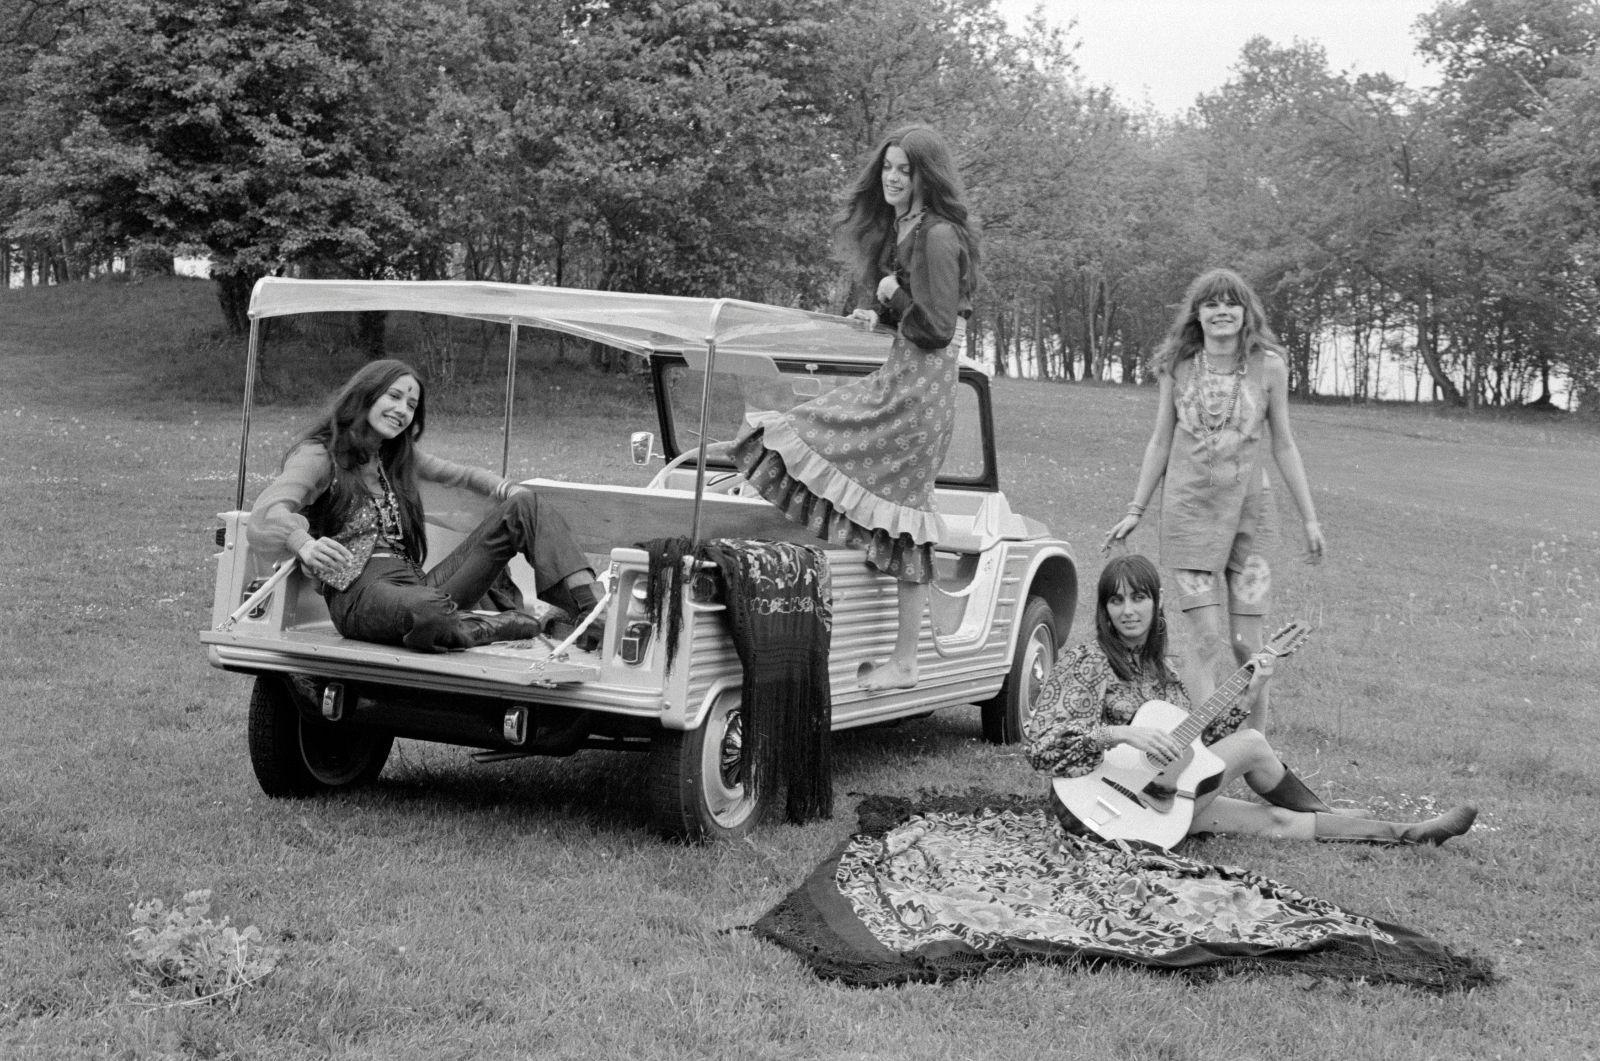 presentazione-mehari-deauville-16-maggio-1968-foto-8